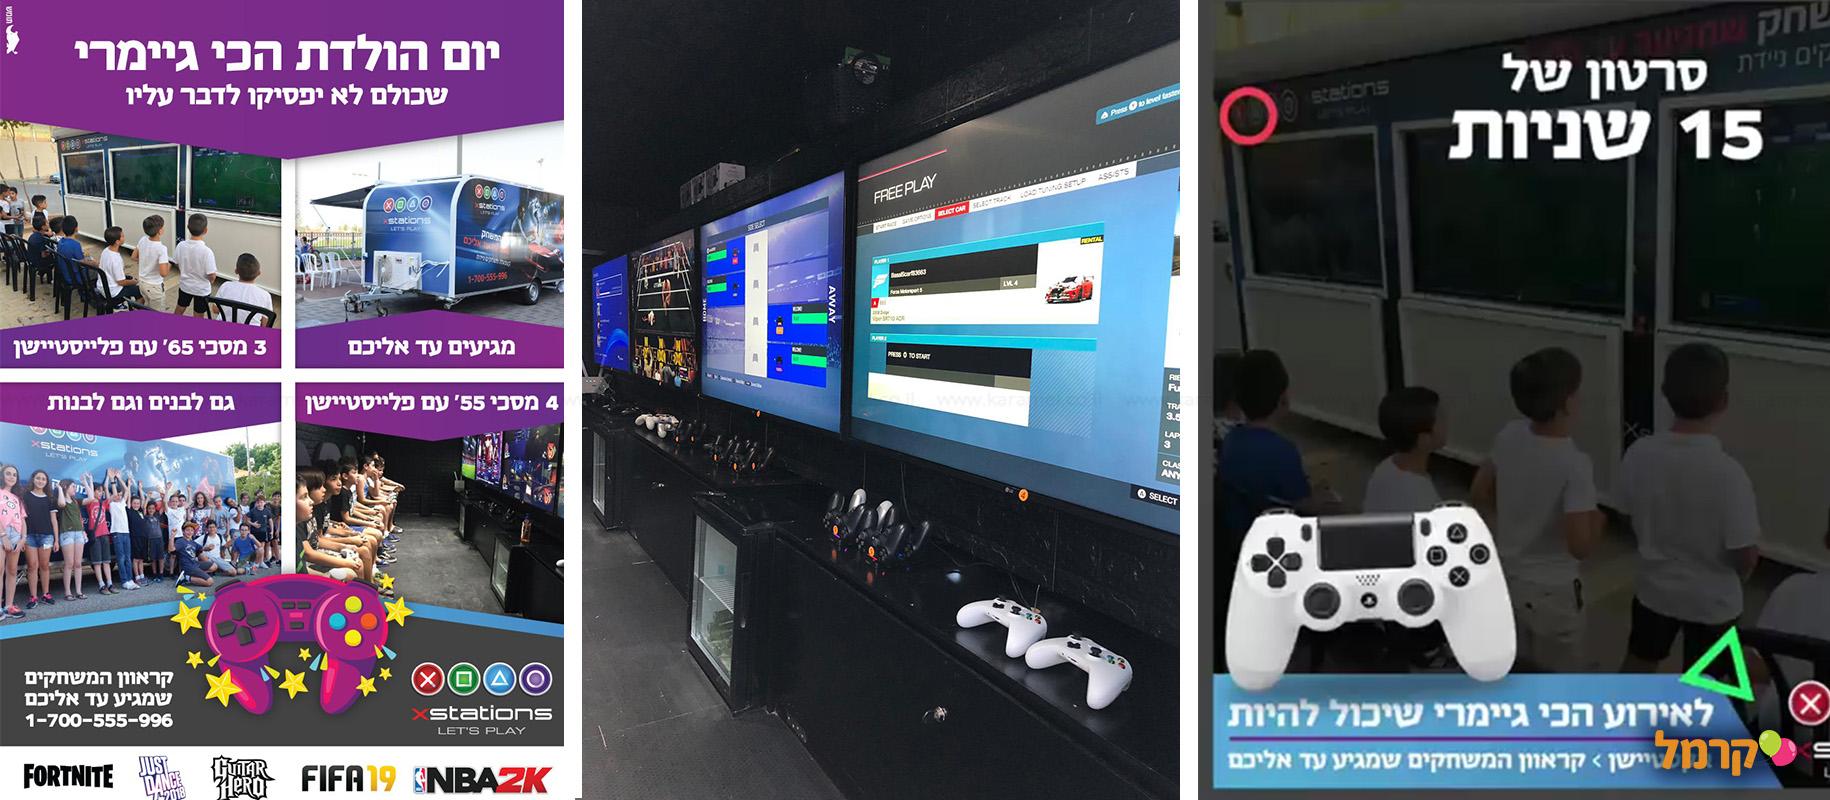 Xstations - חווית משחק מטריפה - 073-7025113